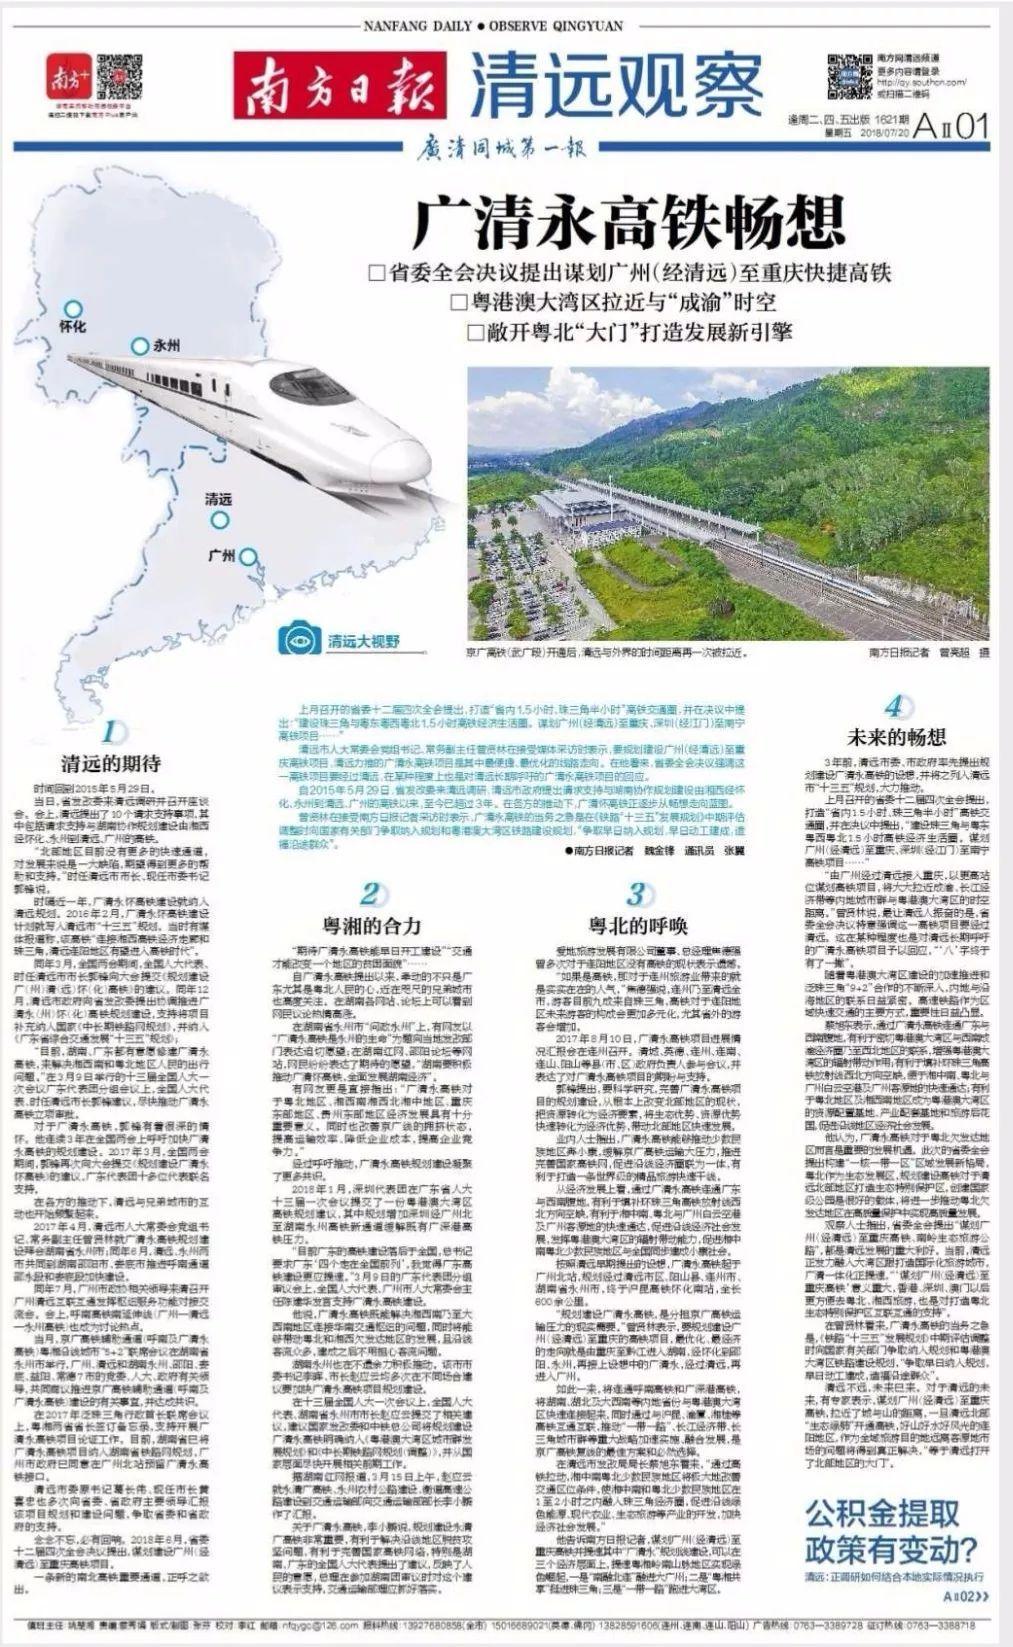 南方日报整版报道:广清永高铁的前世今生及未来畅想